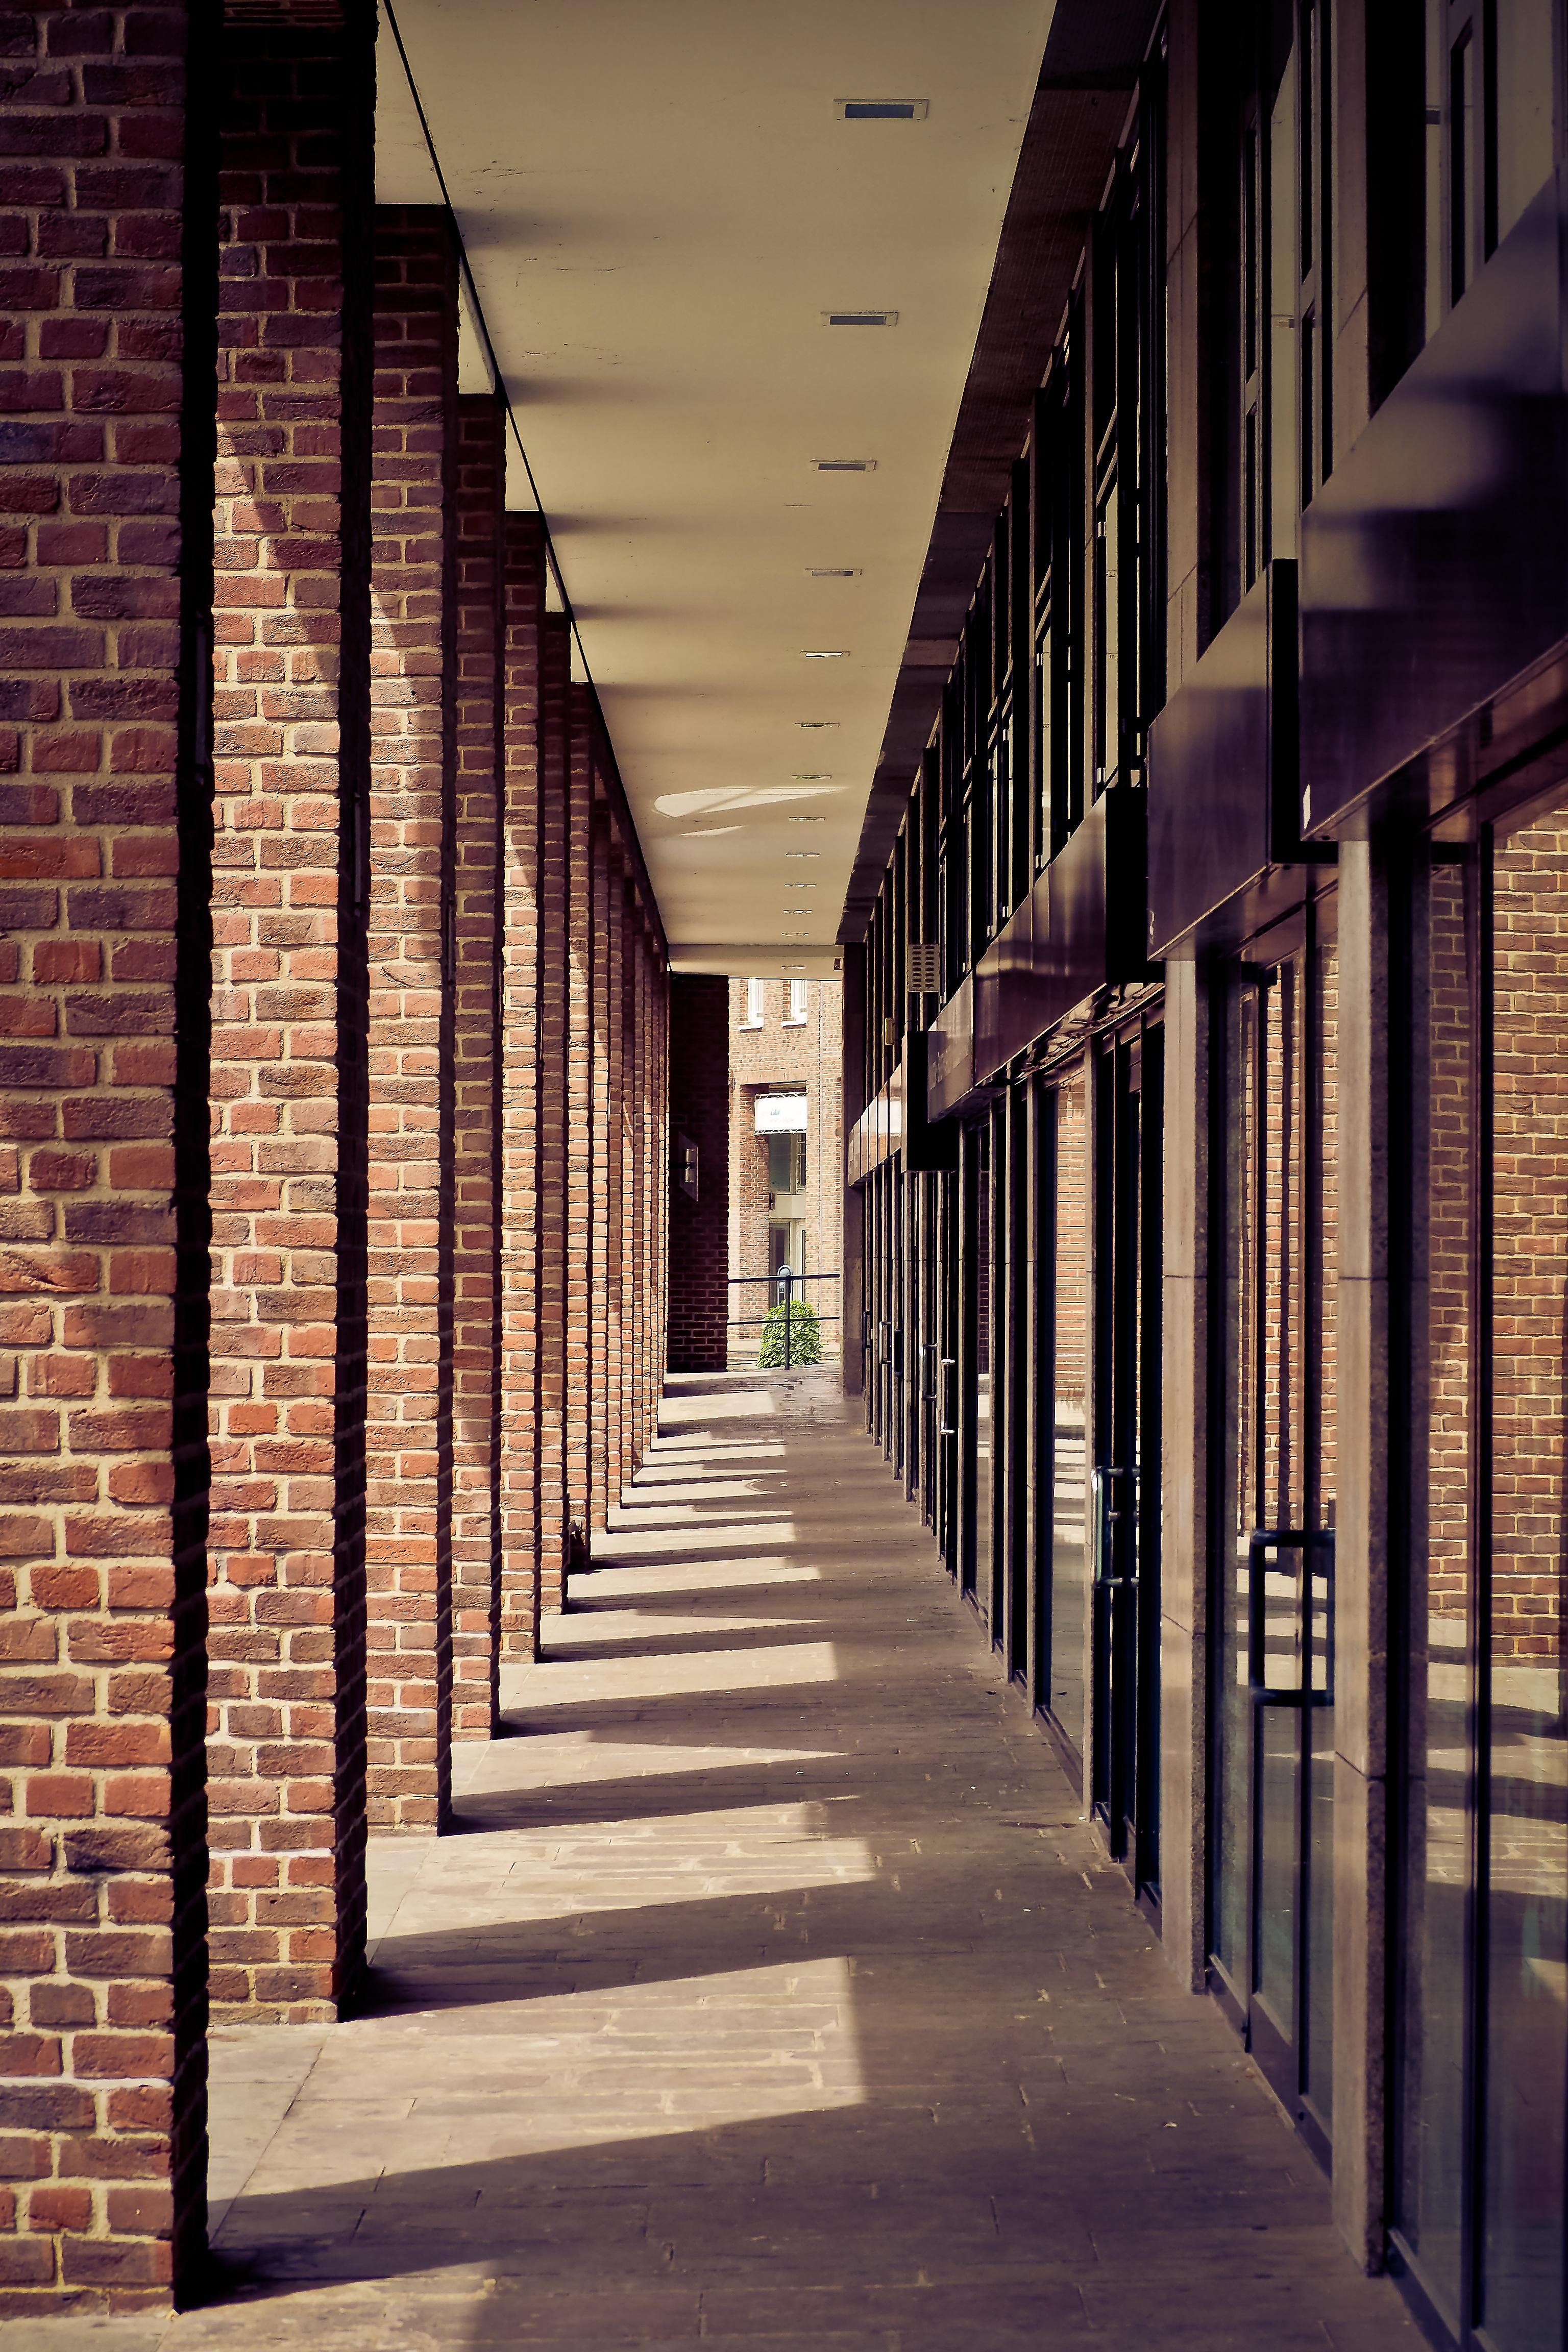 Licht Düsseldorf kostenlose foto licht die architektur holz gebäude gasse